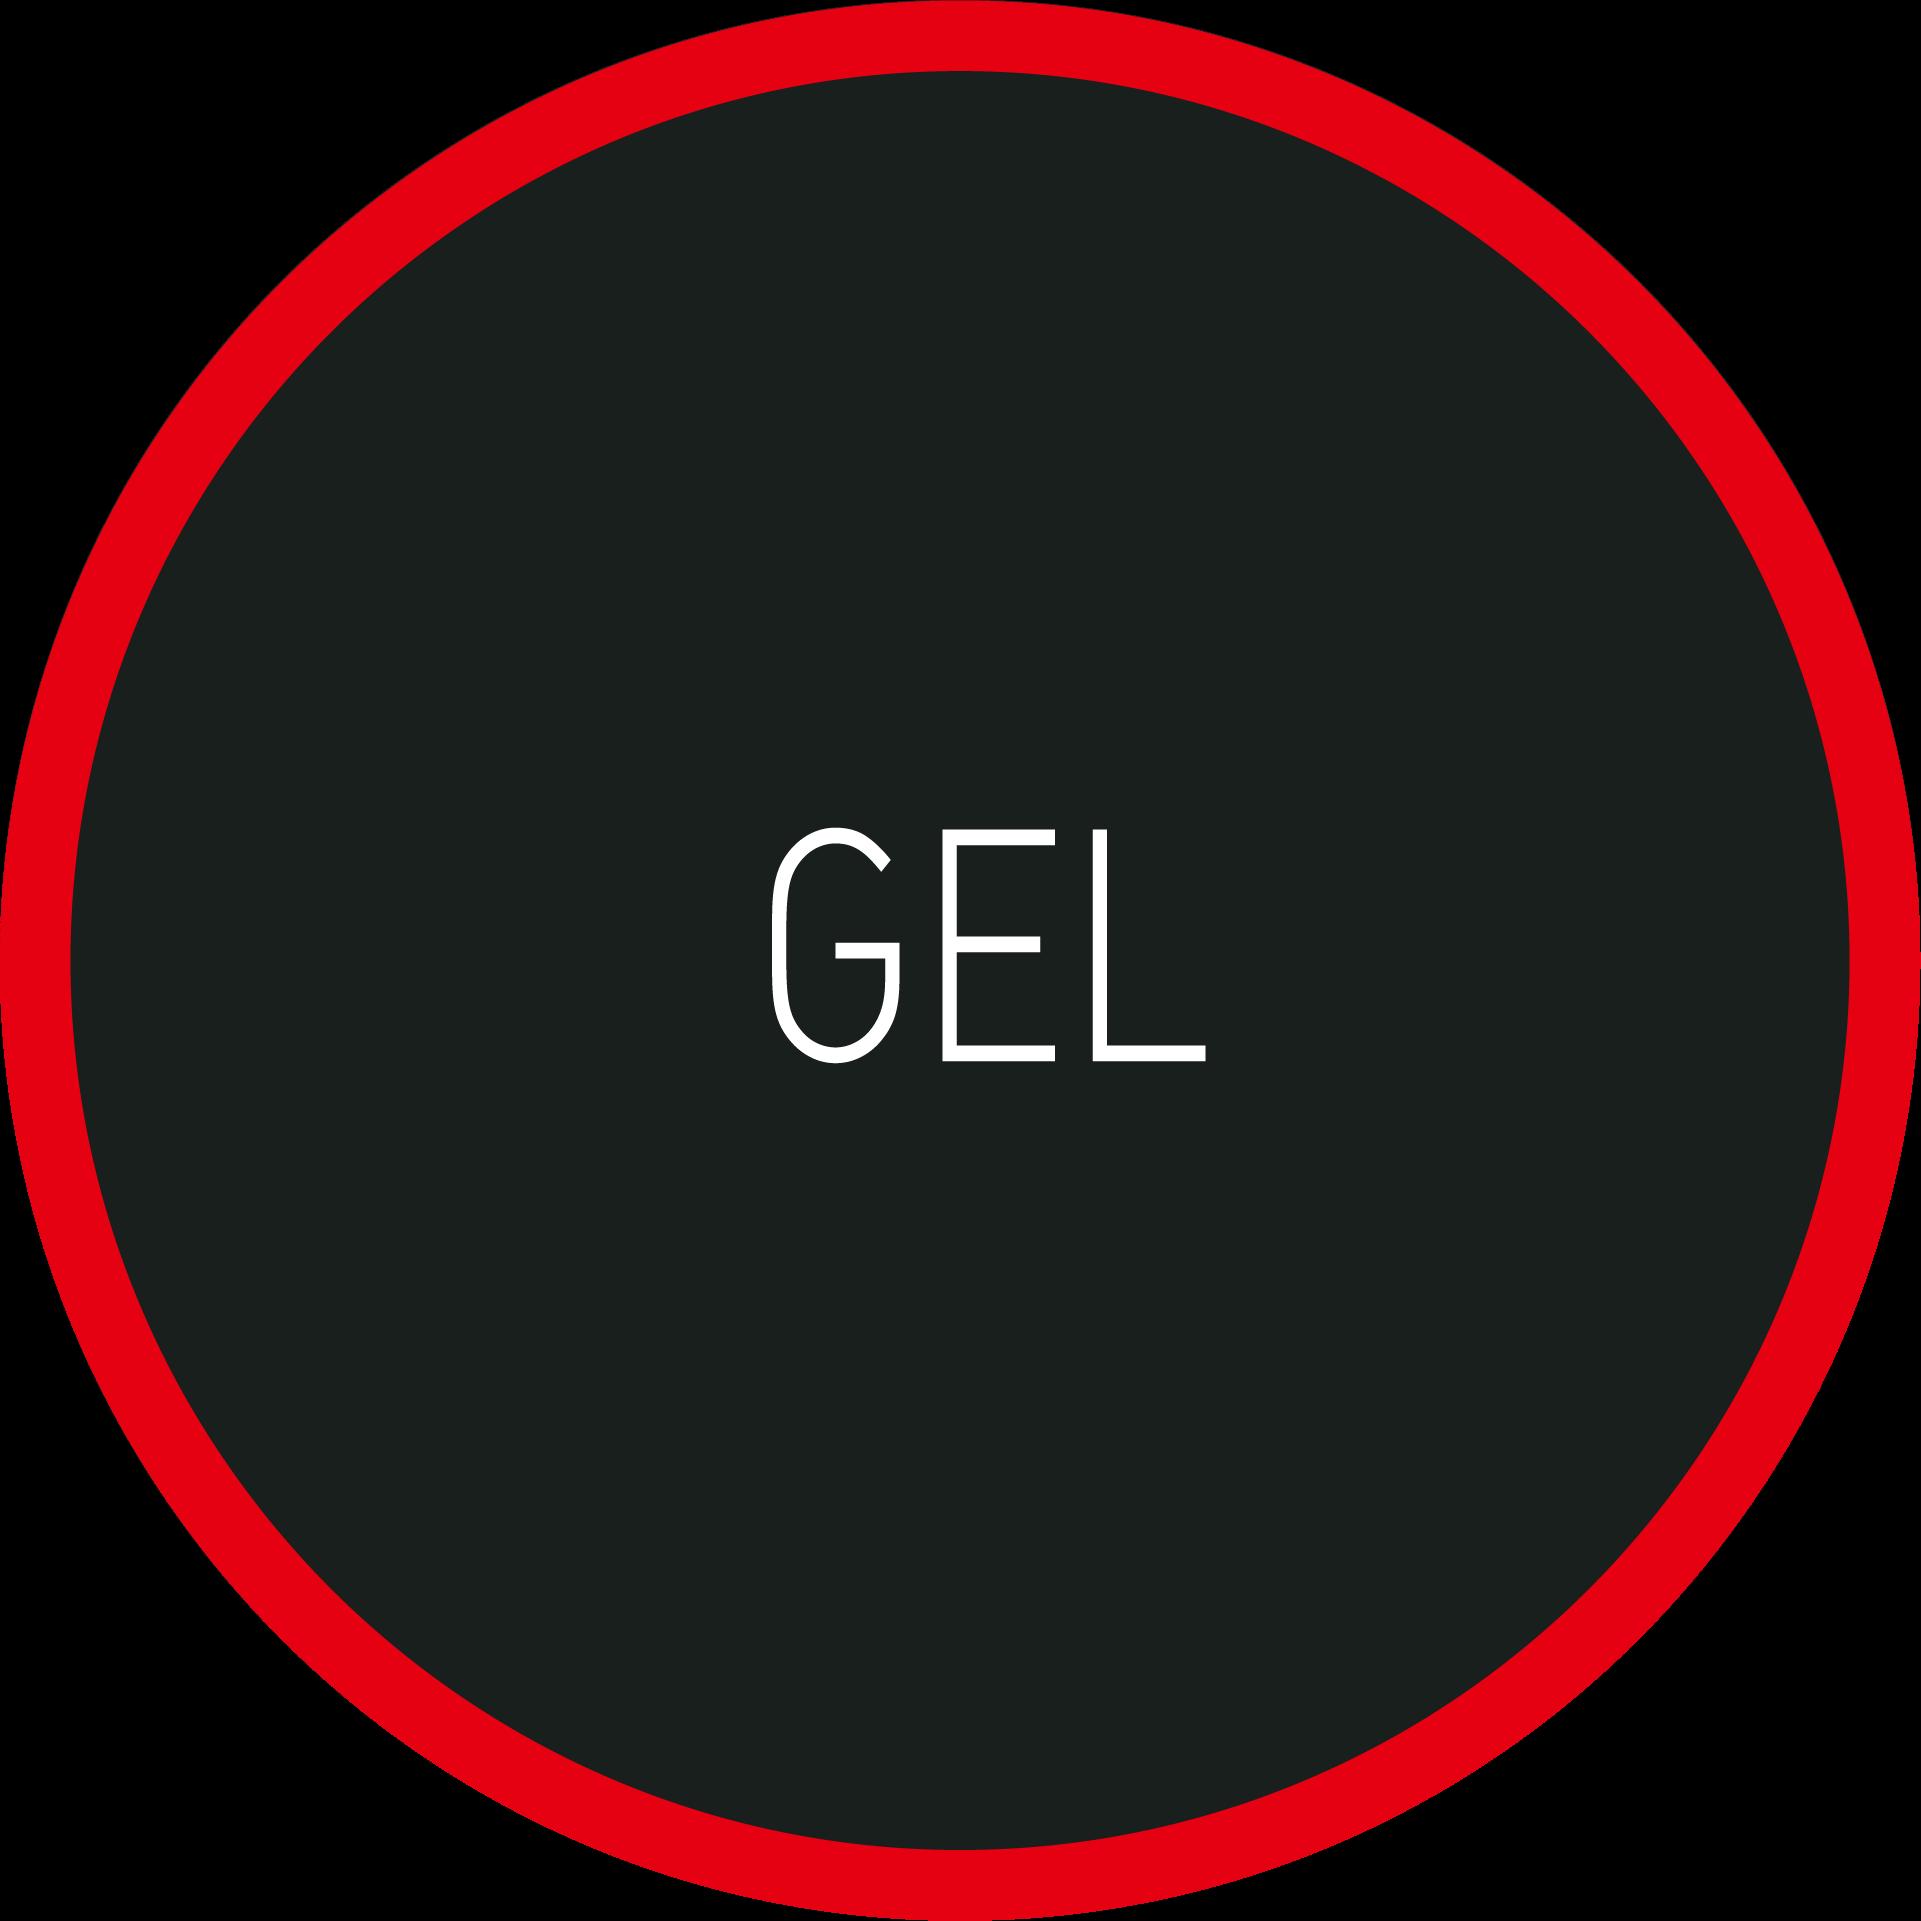 Selle-Italia-icon-02-gel